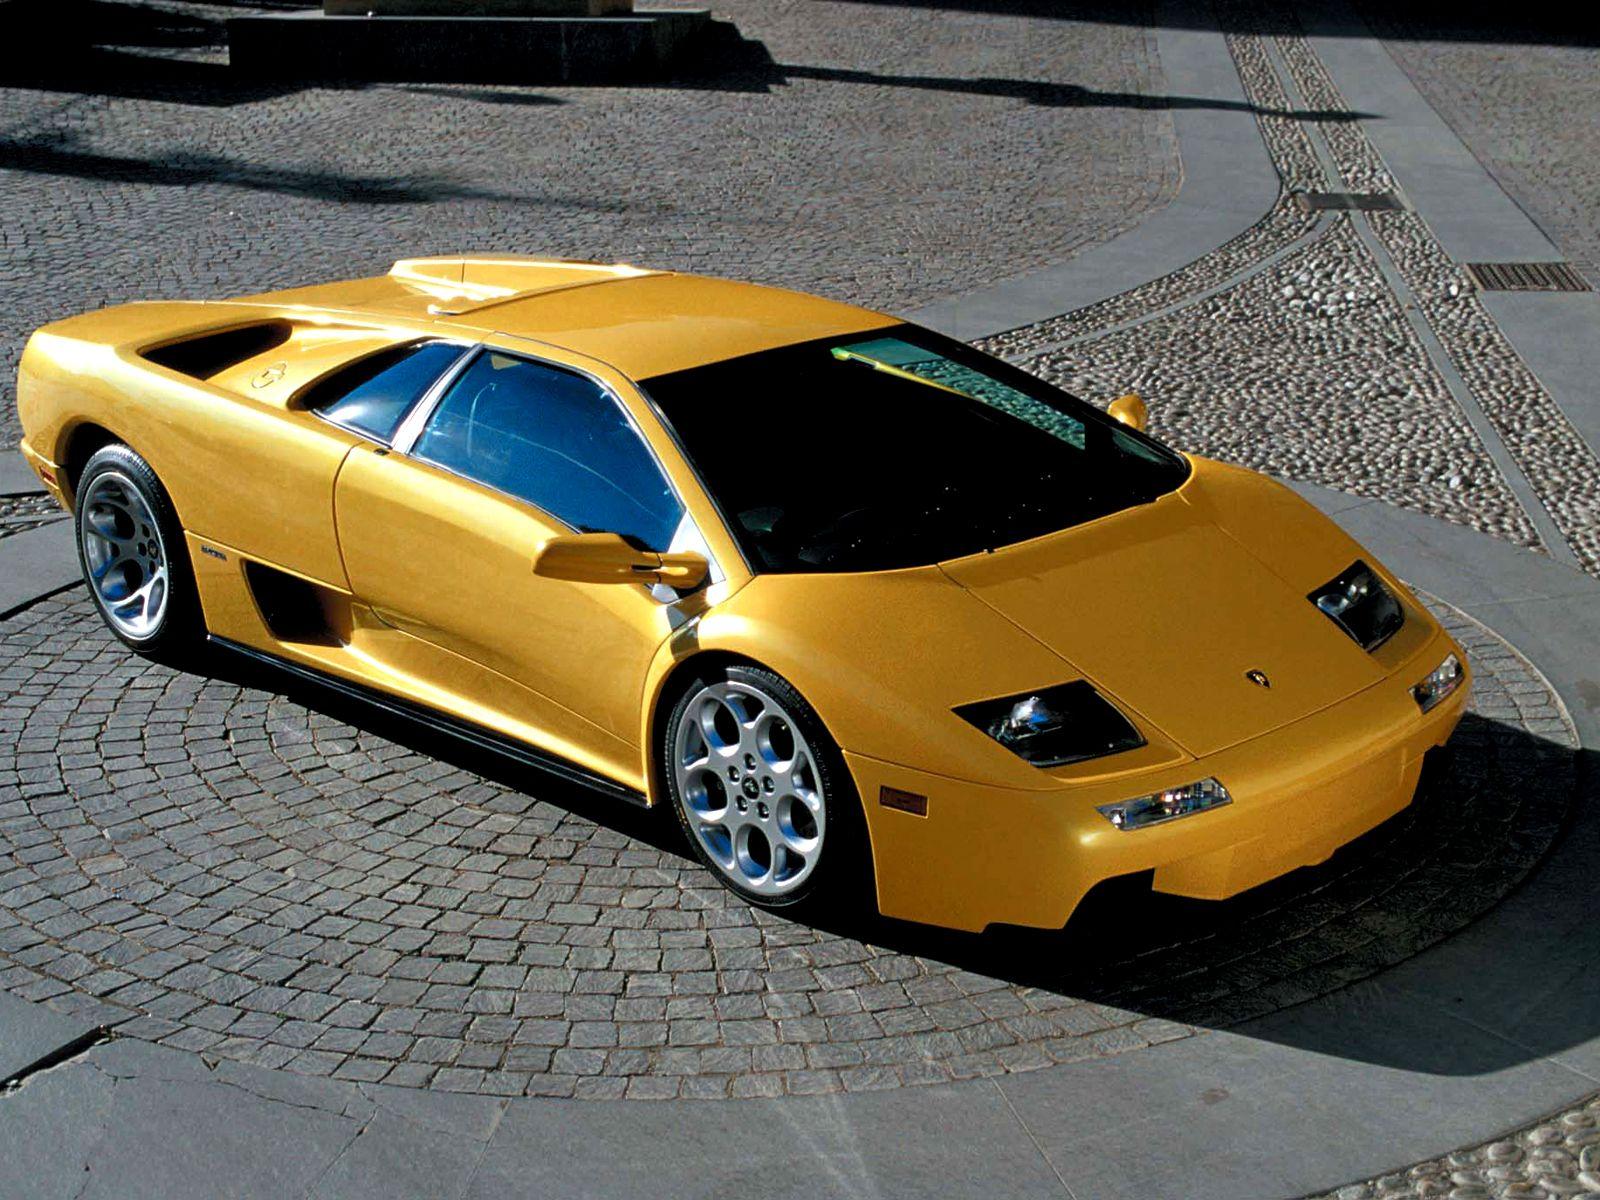 Lamborghini Diablo 1990 - 2001 Coupe #4